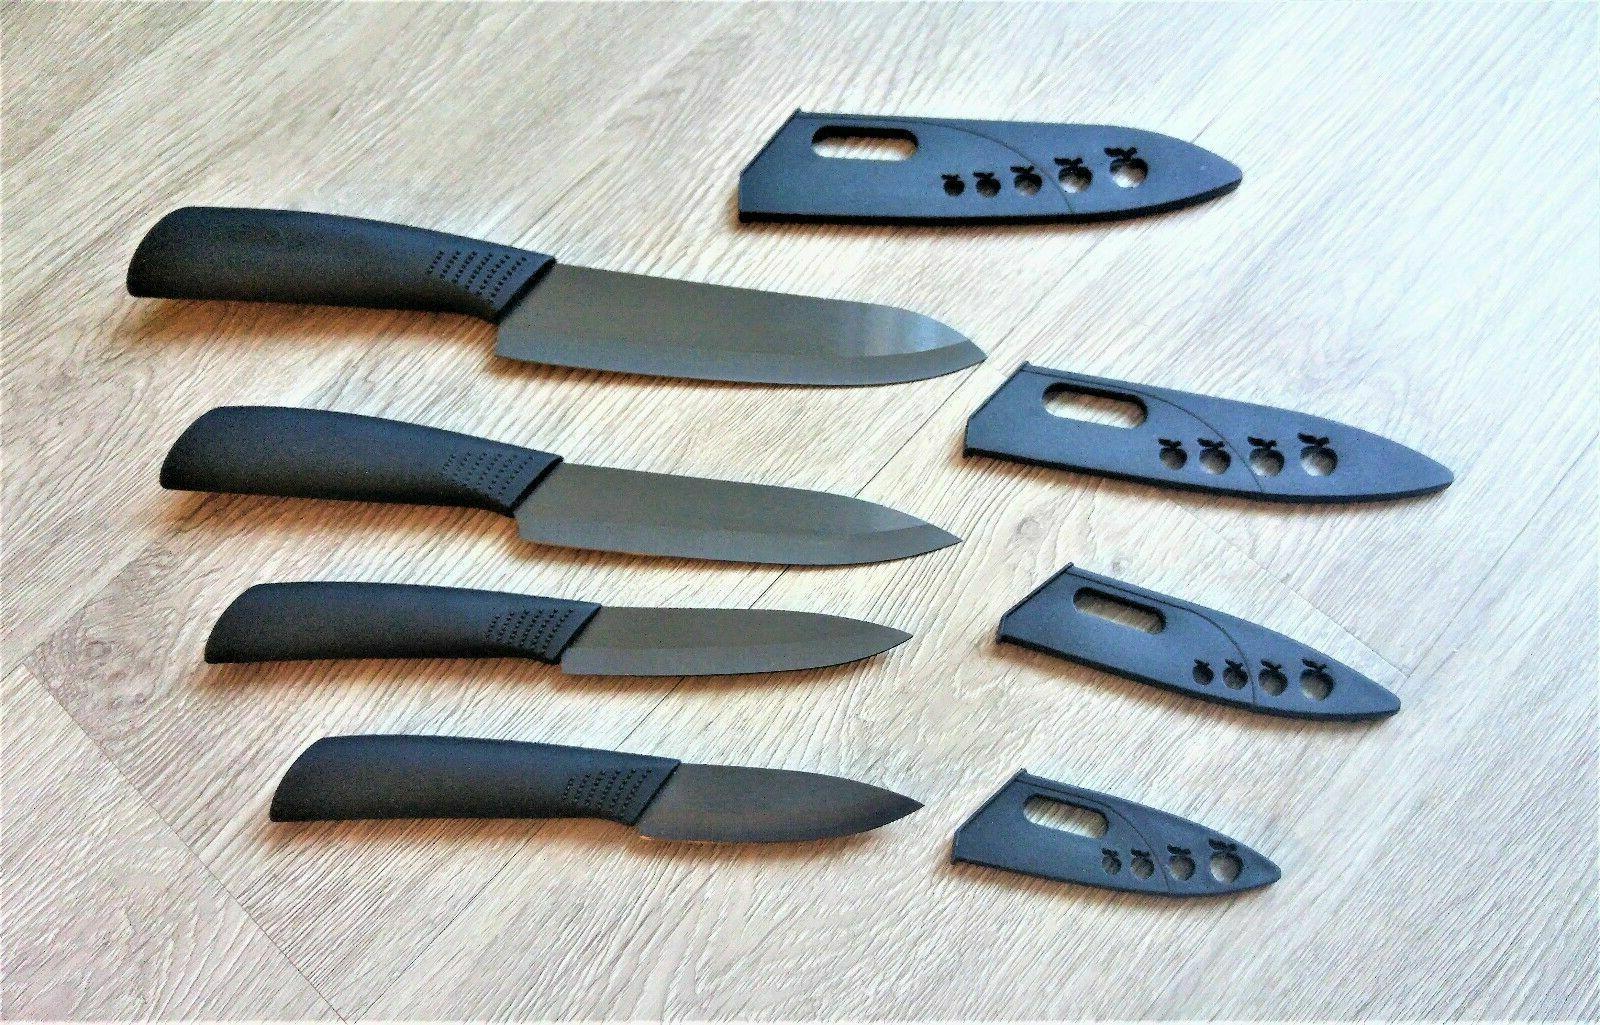 Black Blade Ceramic Knife Knives 3″ 4″ 6″ +